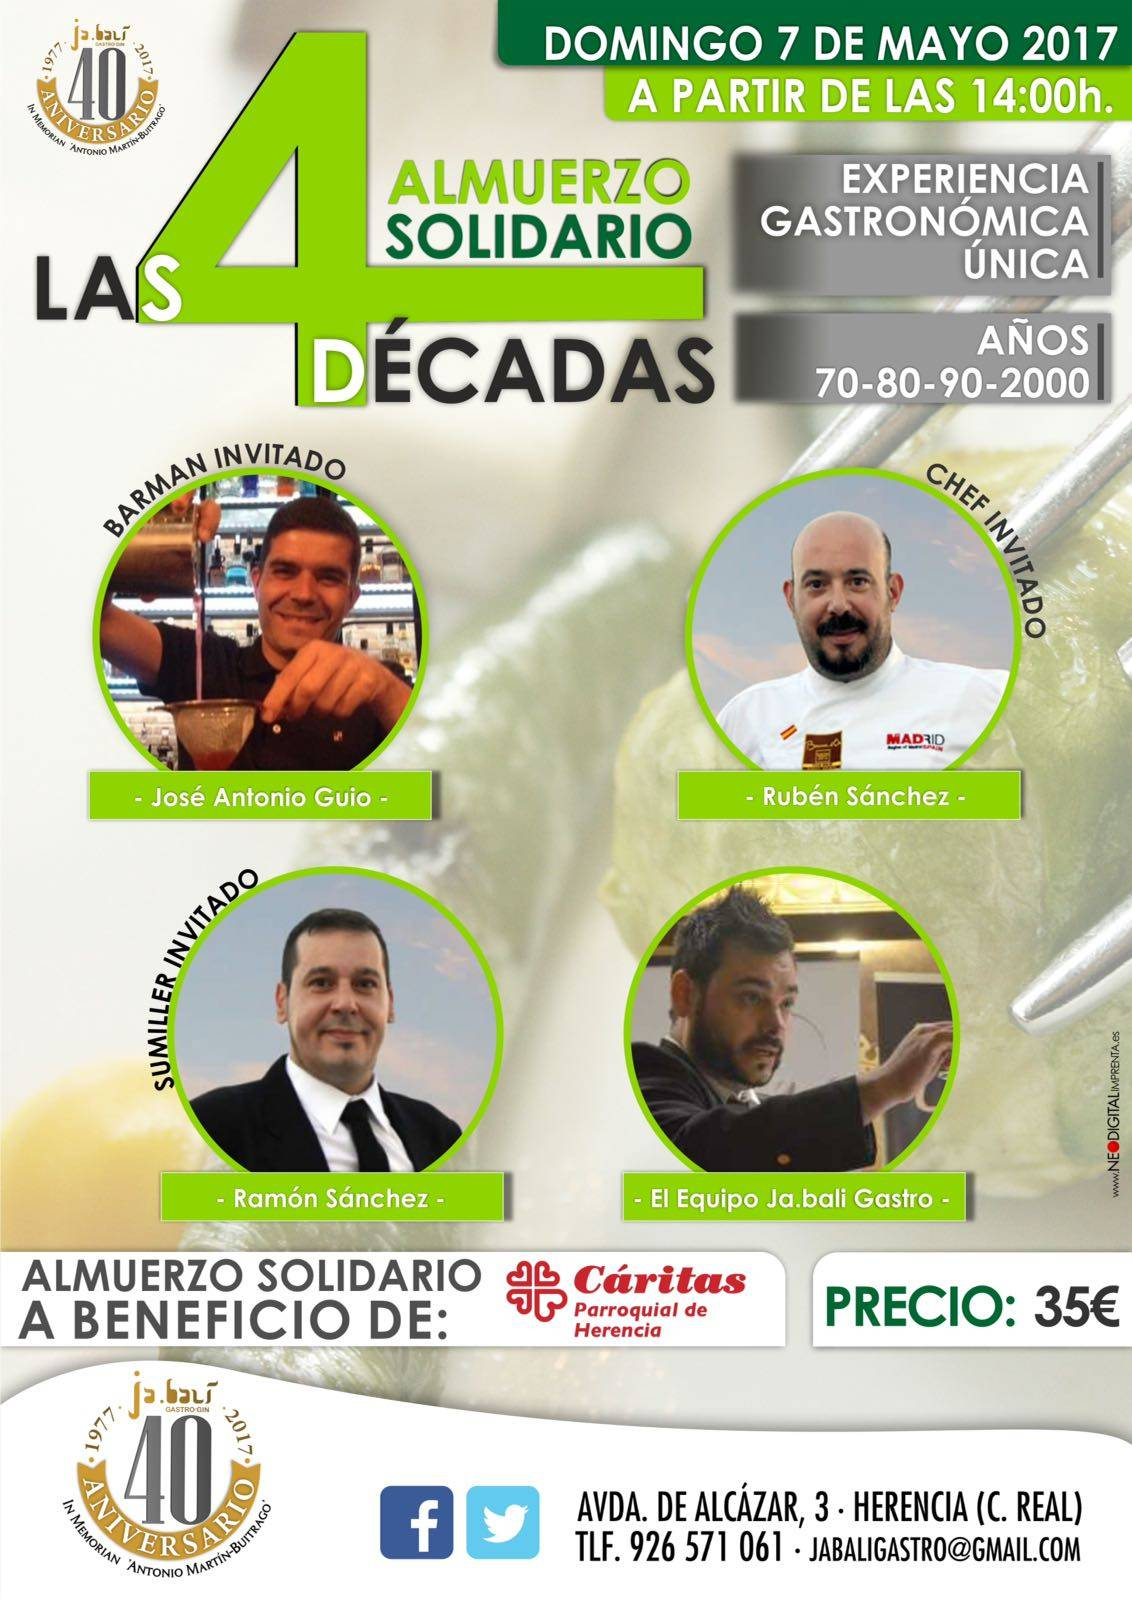 almuerzo solidario herencia - Almuerzo solidario las 4 décadas en Herencia